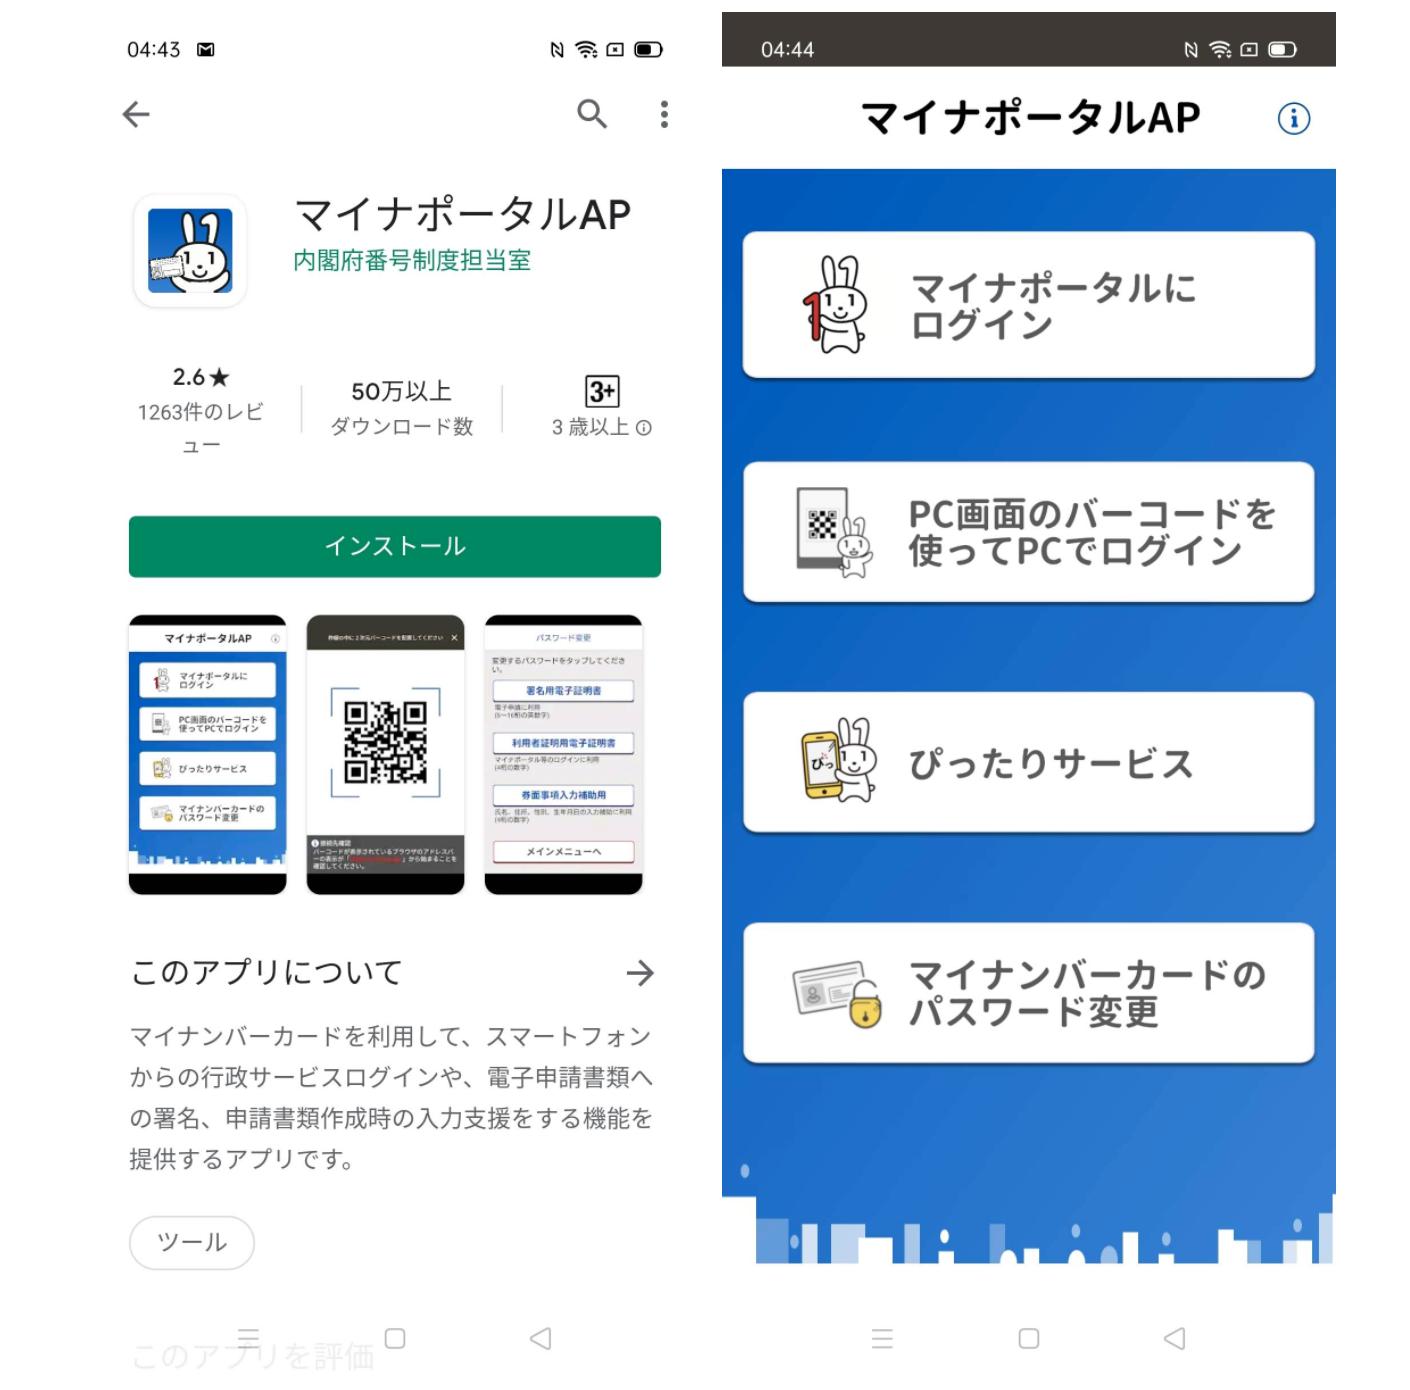 f:id:Azusa_Hirano:20200814051604p:plain